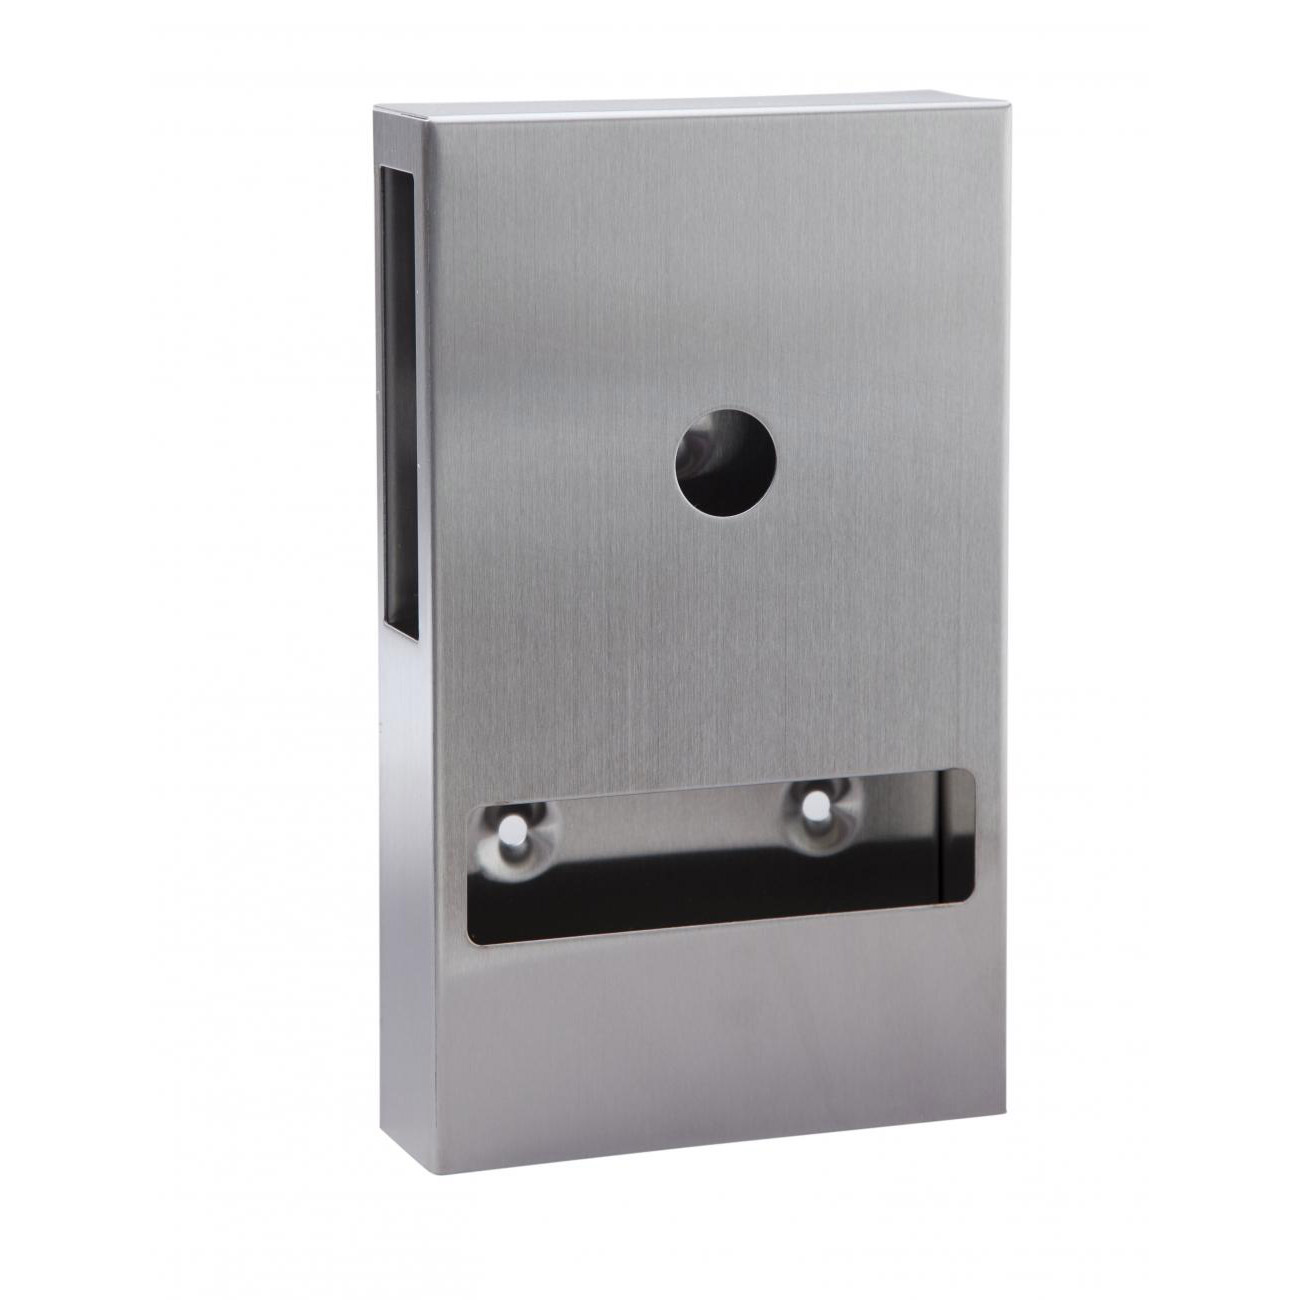 Stainless Steel Toilet Tissue Dispensers